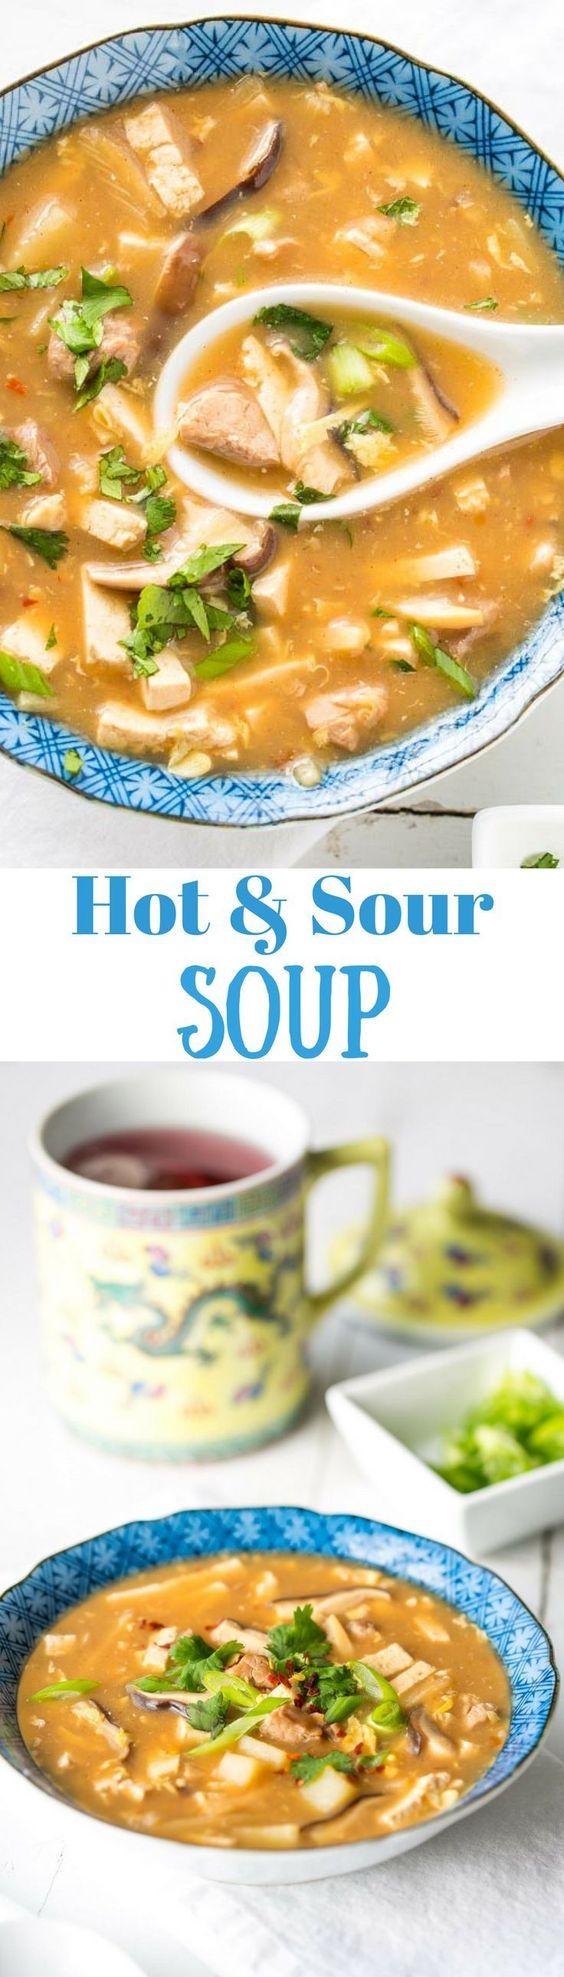 Soup recipes using pork tenderloin